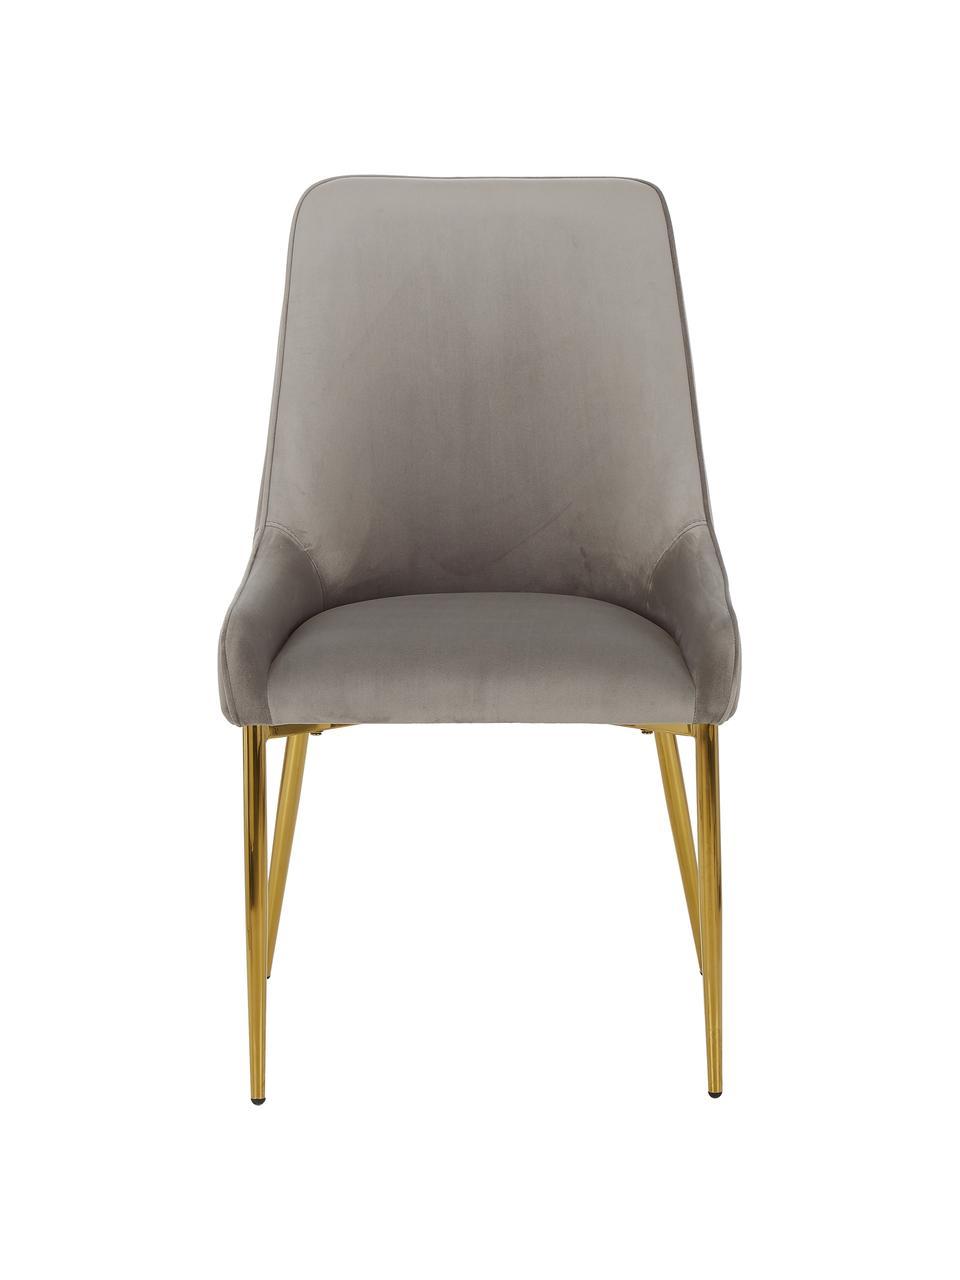 Samt-Polsterstuhl Ava mit goldfarbenen Beinen, Bezug: Samt (100% Polyester) Der, Beine: Metall, galvanisiert, Samt Taupe, B 53 x T 60 cm